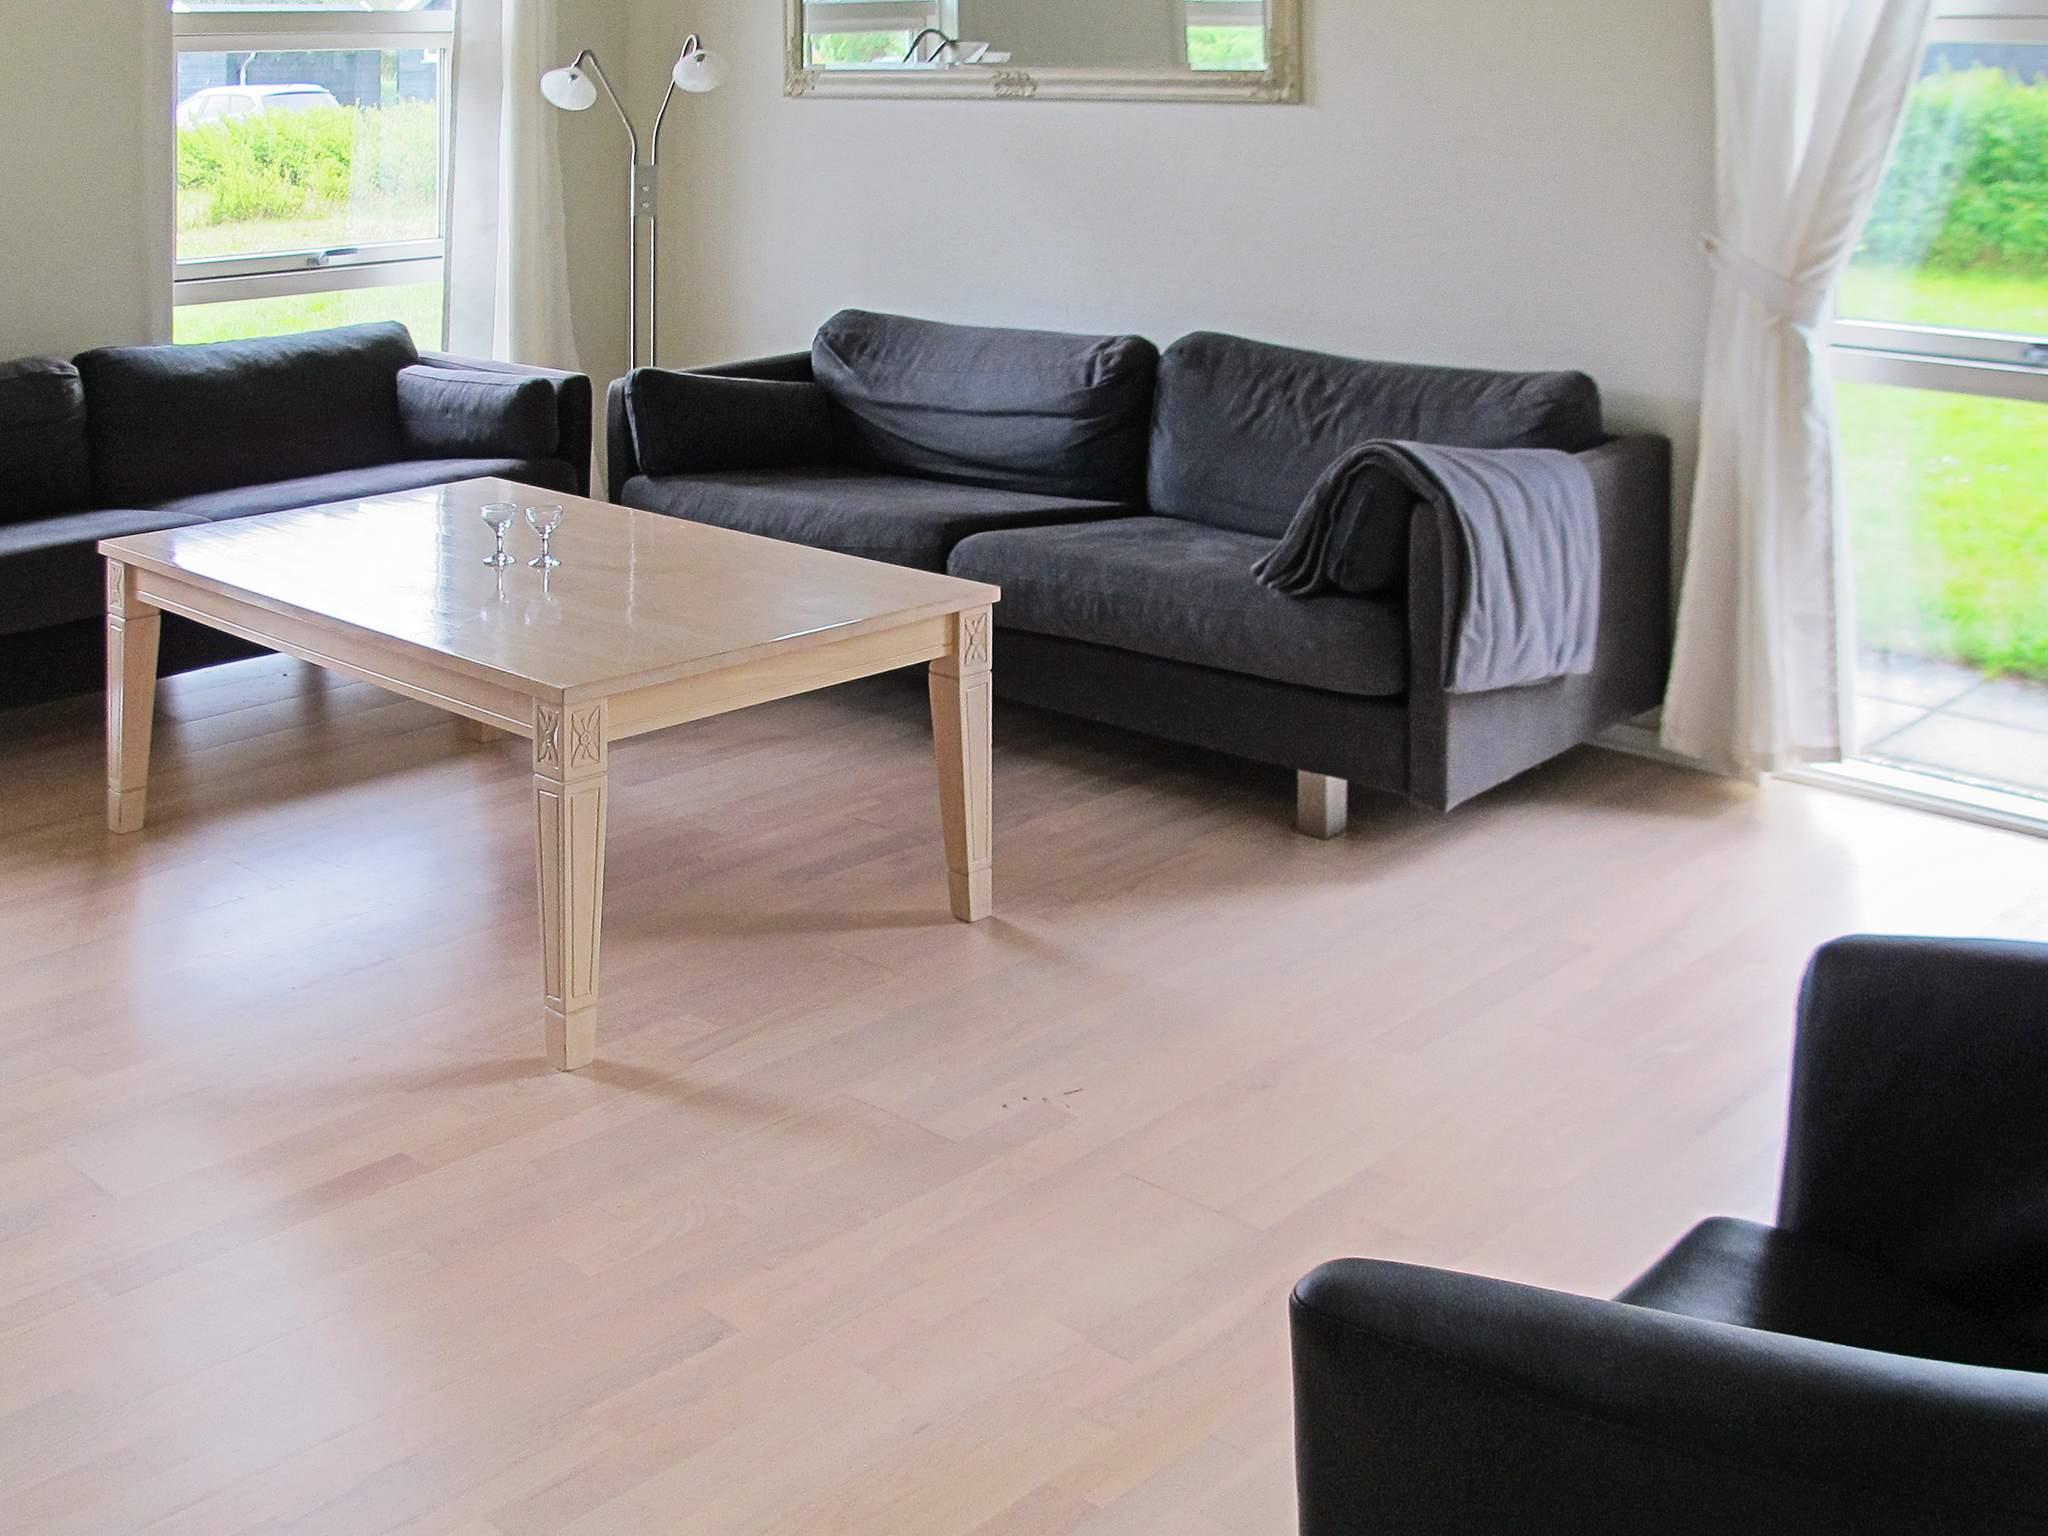 Ferienhaus Hou (377898), Hou, , Nordostjütland, Dänemark, Bild 2